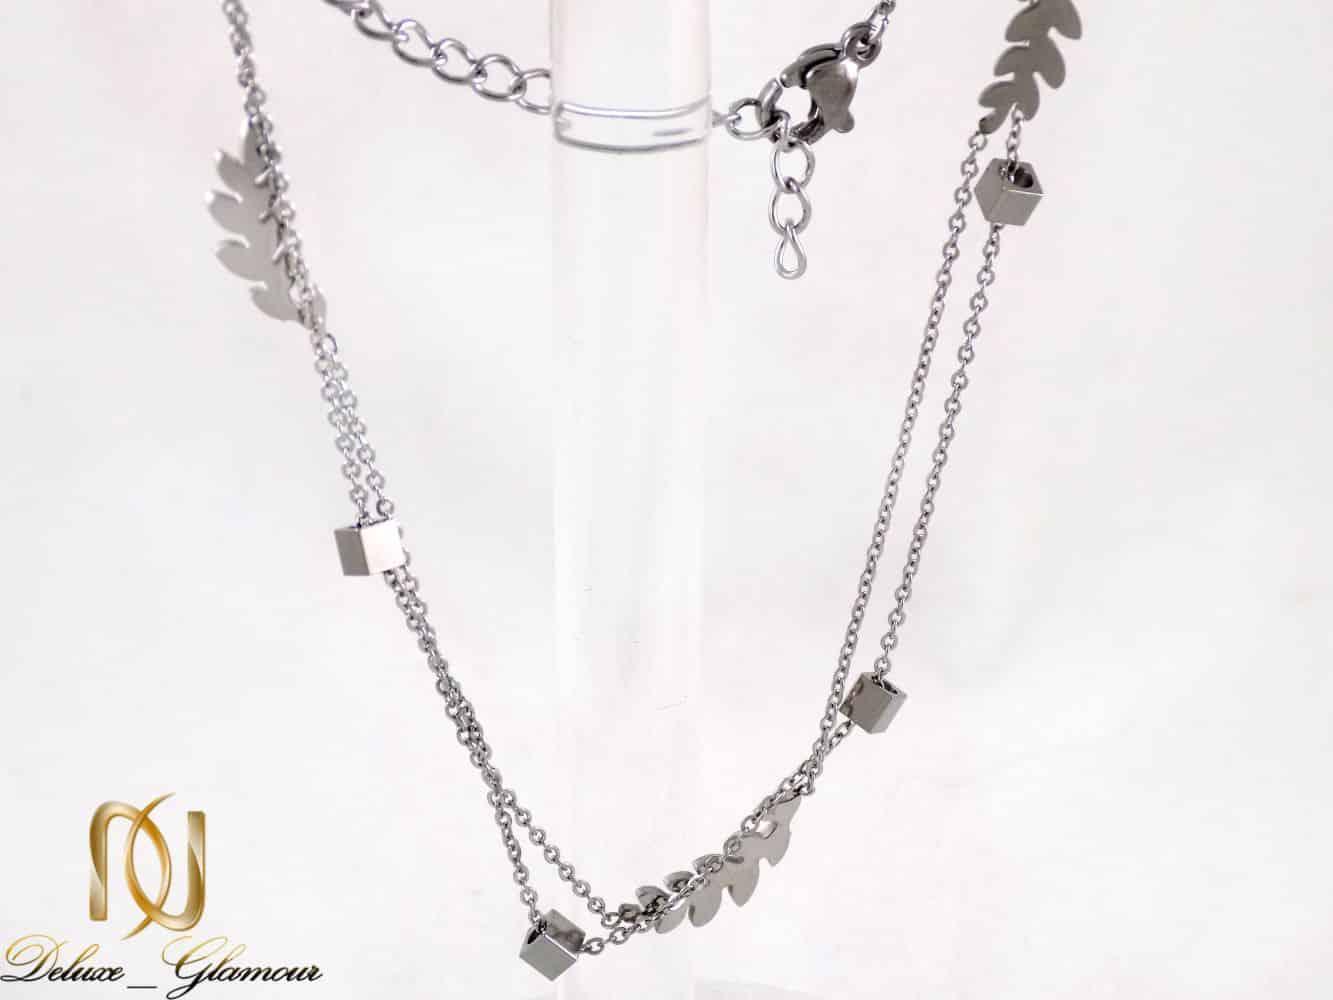 پابند دخترانه استیل دو لاینه طرح خوشه و مهره مکعب pa-n104 از نمای سفید